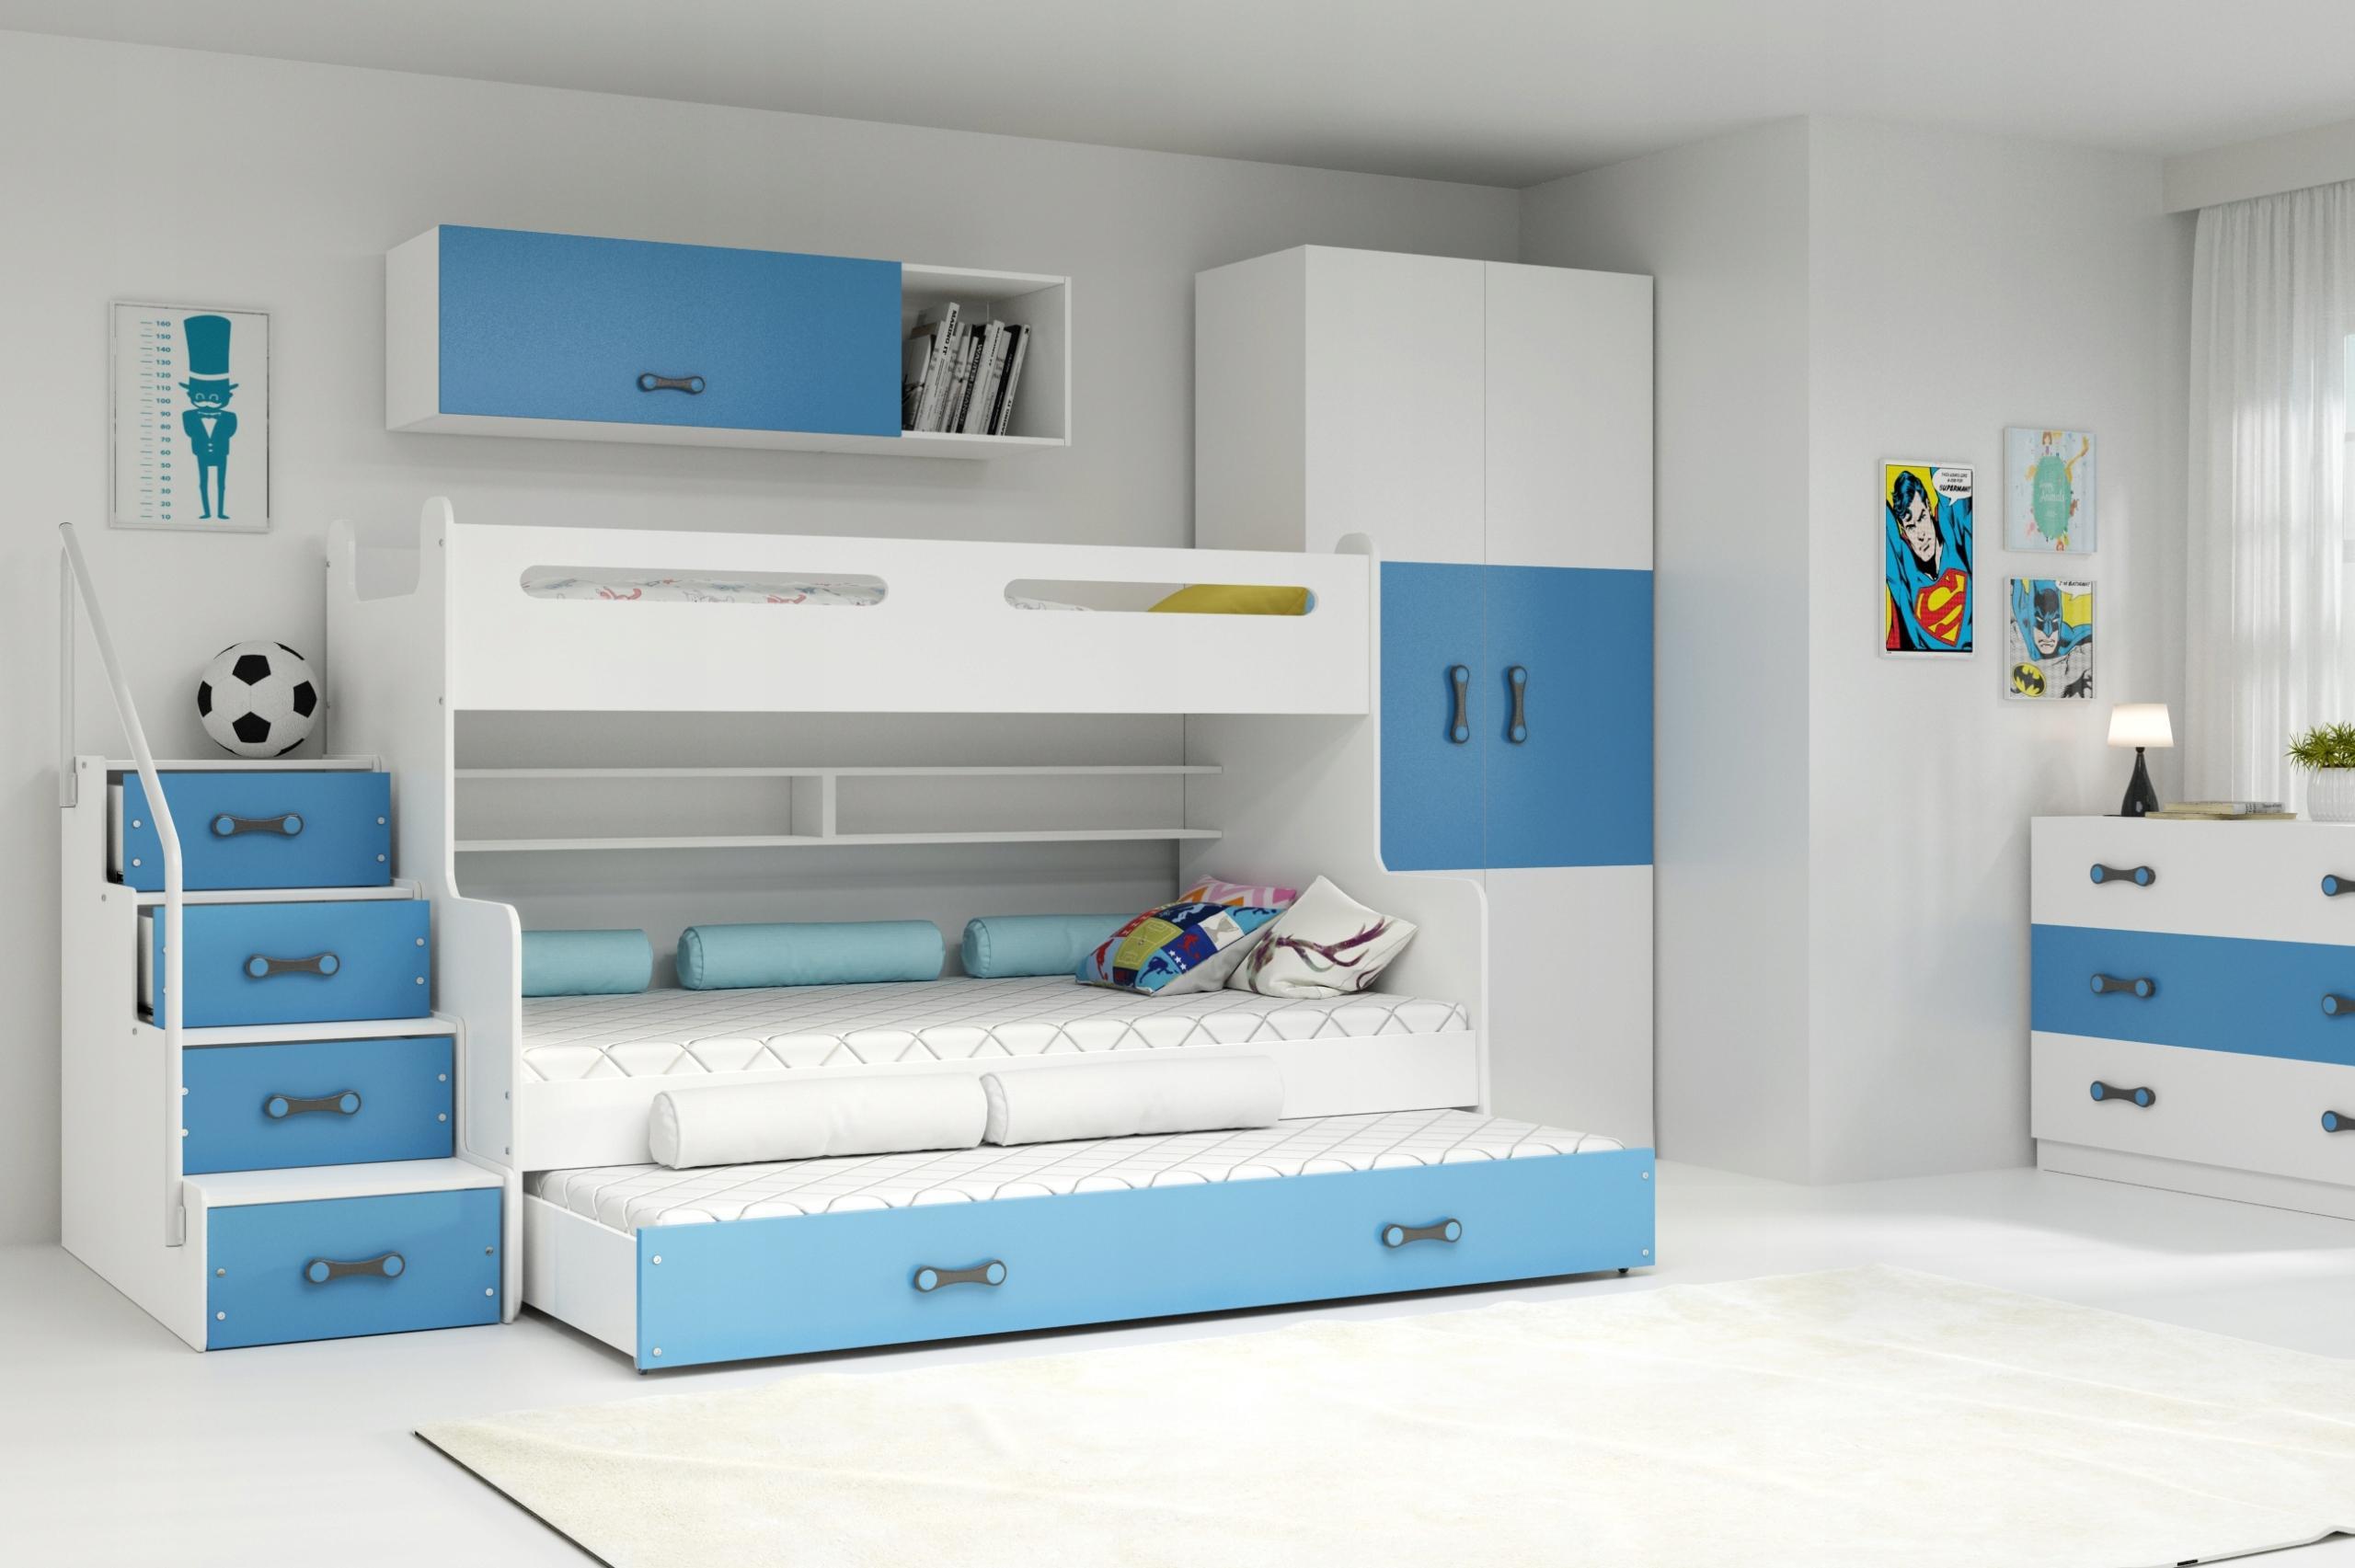 MAX 3 - Poschodová posteľ (rozšírená) s prístelkou - 200x120cm - Biely - Modrý